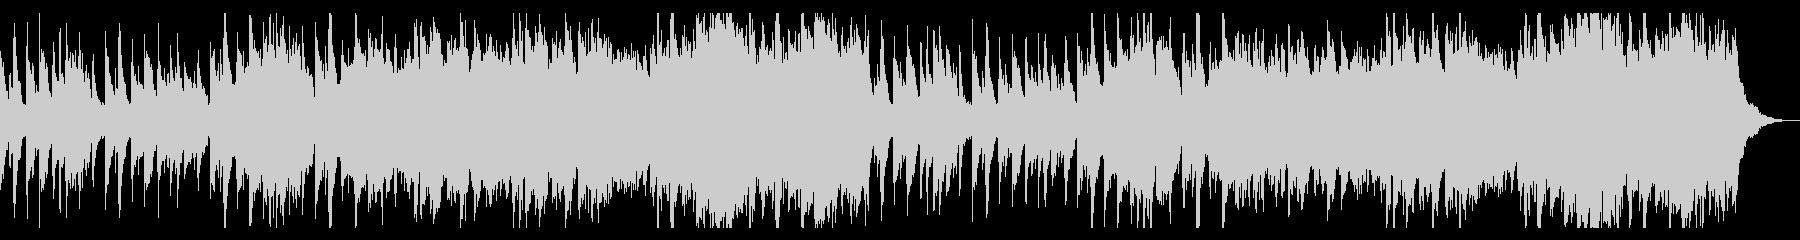 ハープが印象的なシャボン玉のような曲の未再生の波形